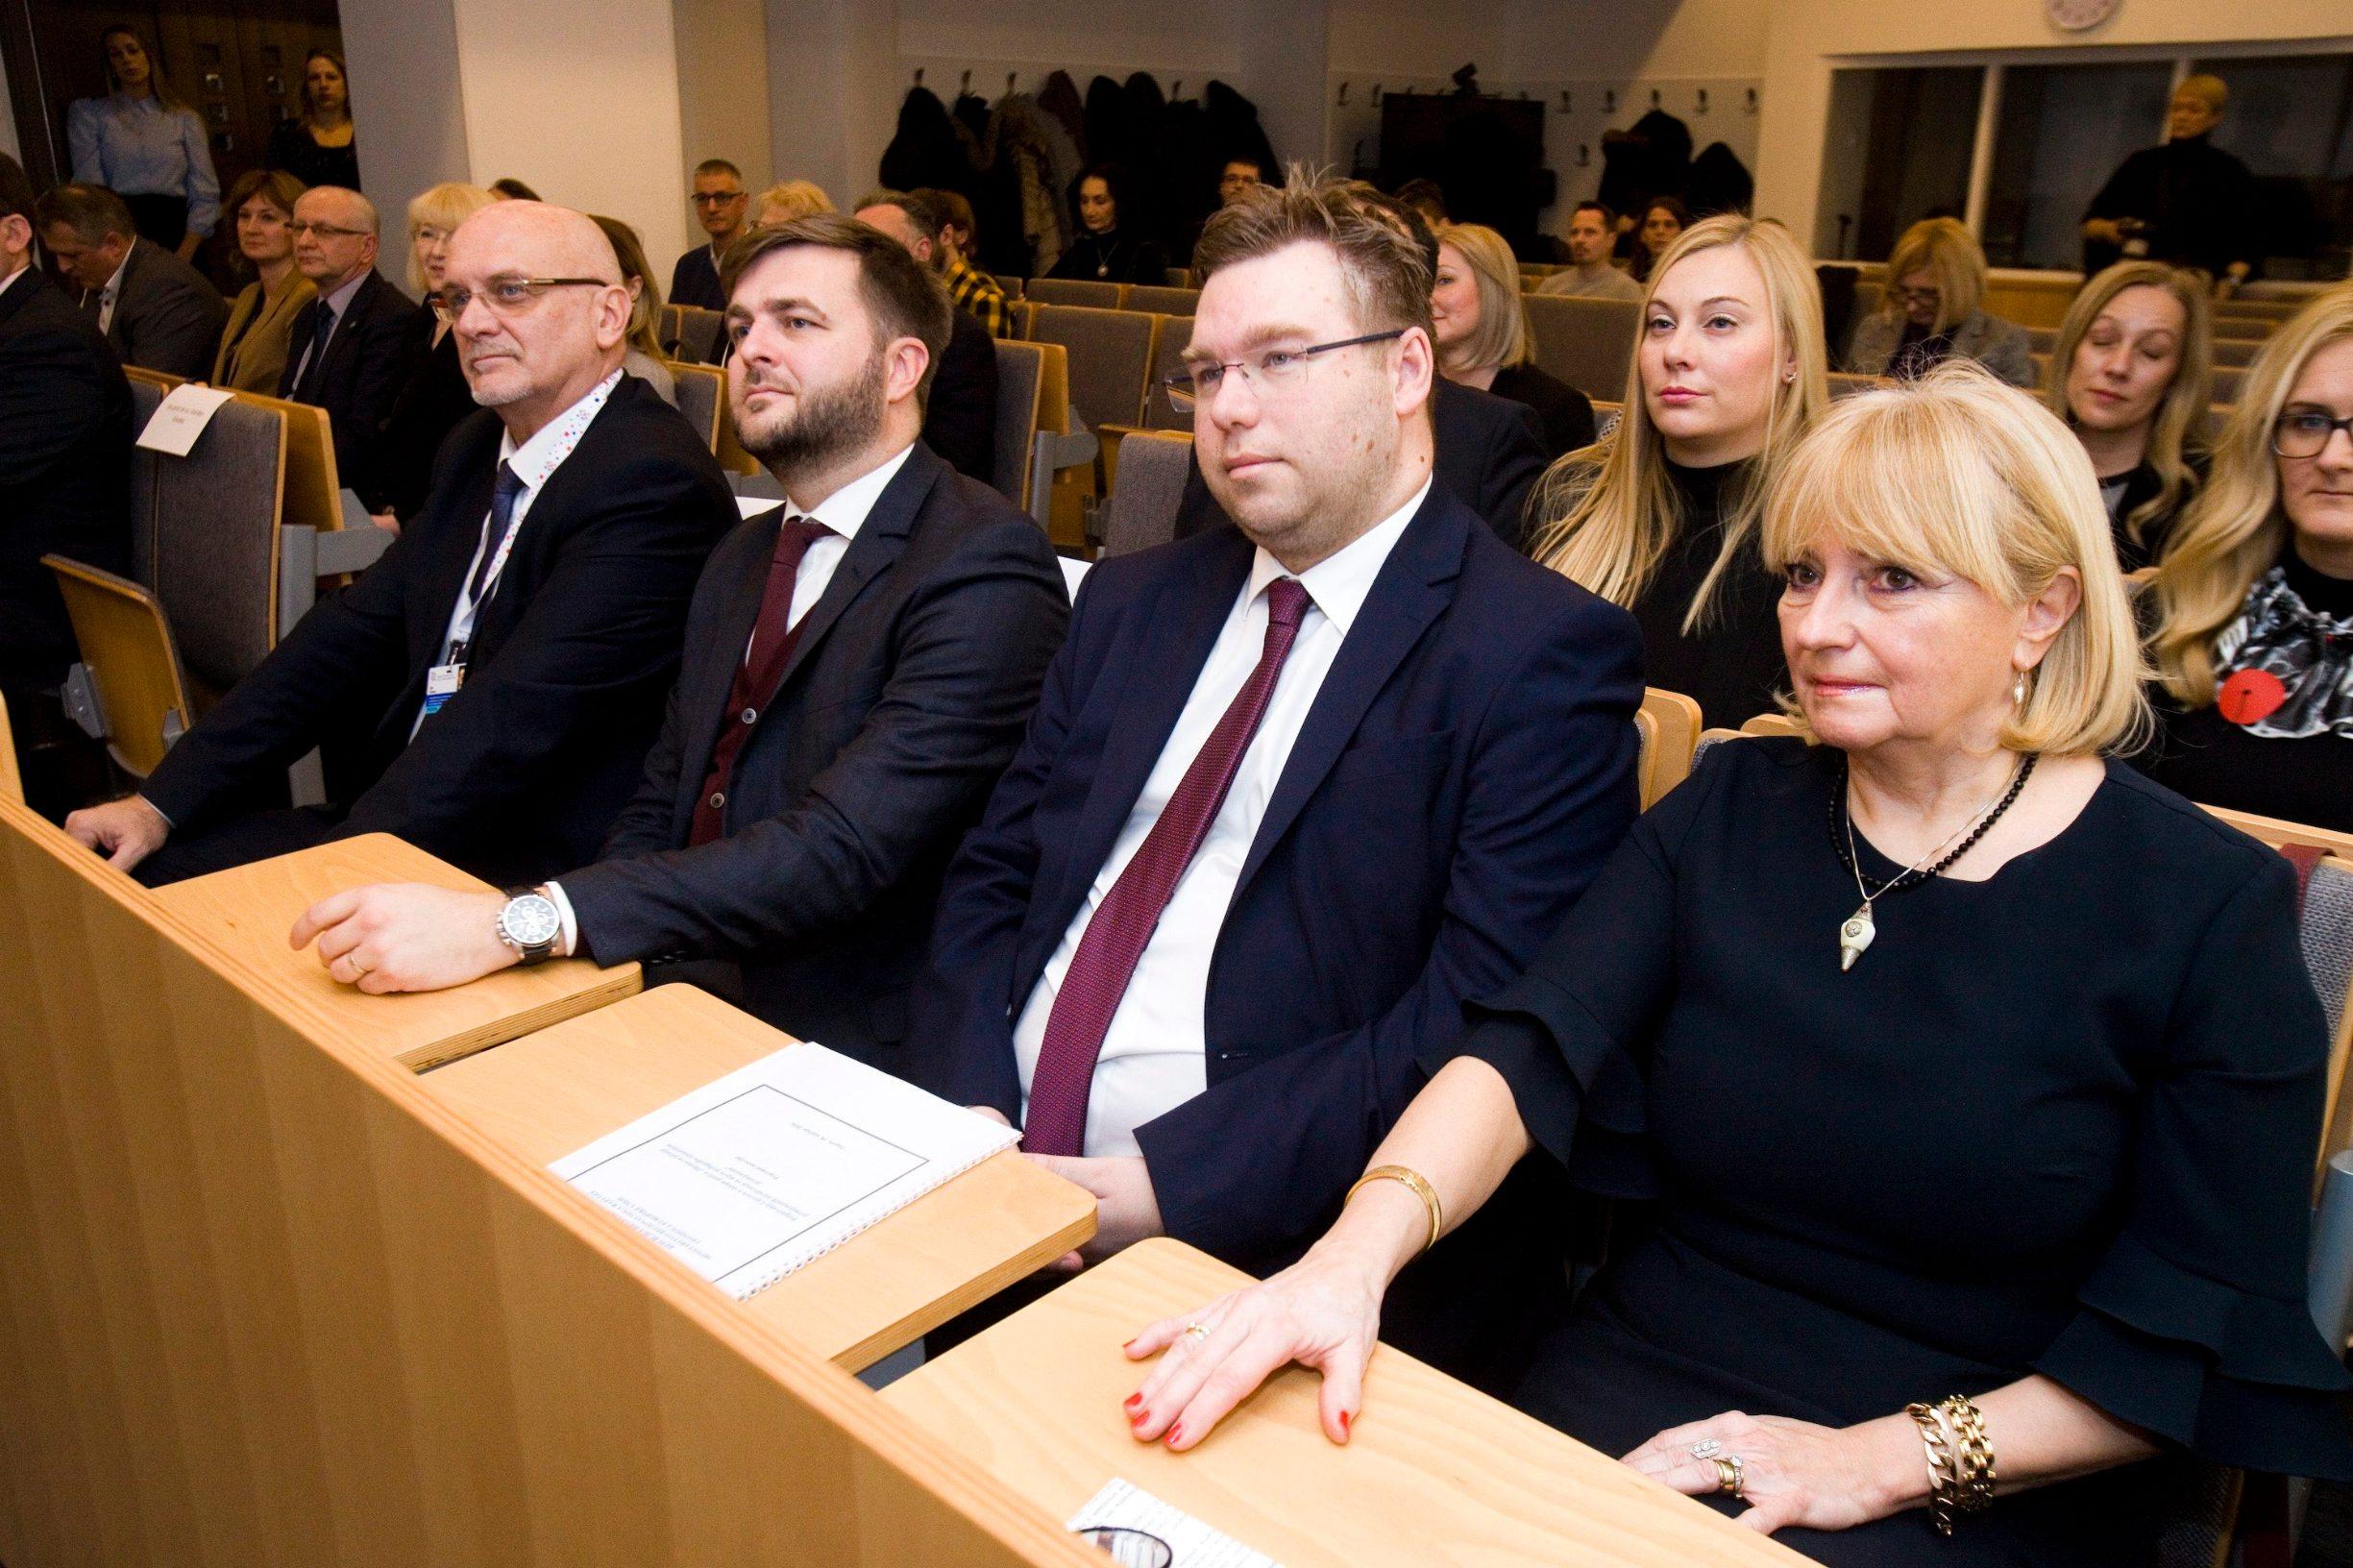 Igor Čižmek, Tomislav Ćorić, Marko Pavić, Alenka Košiša Čičin-Šain